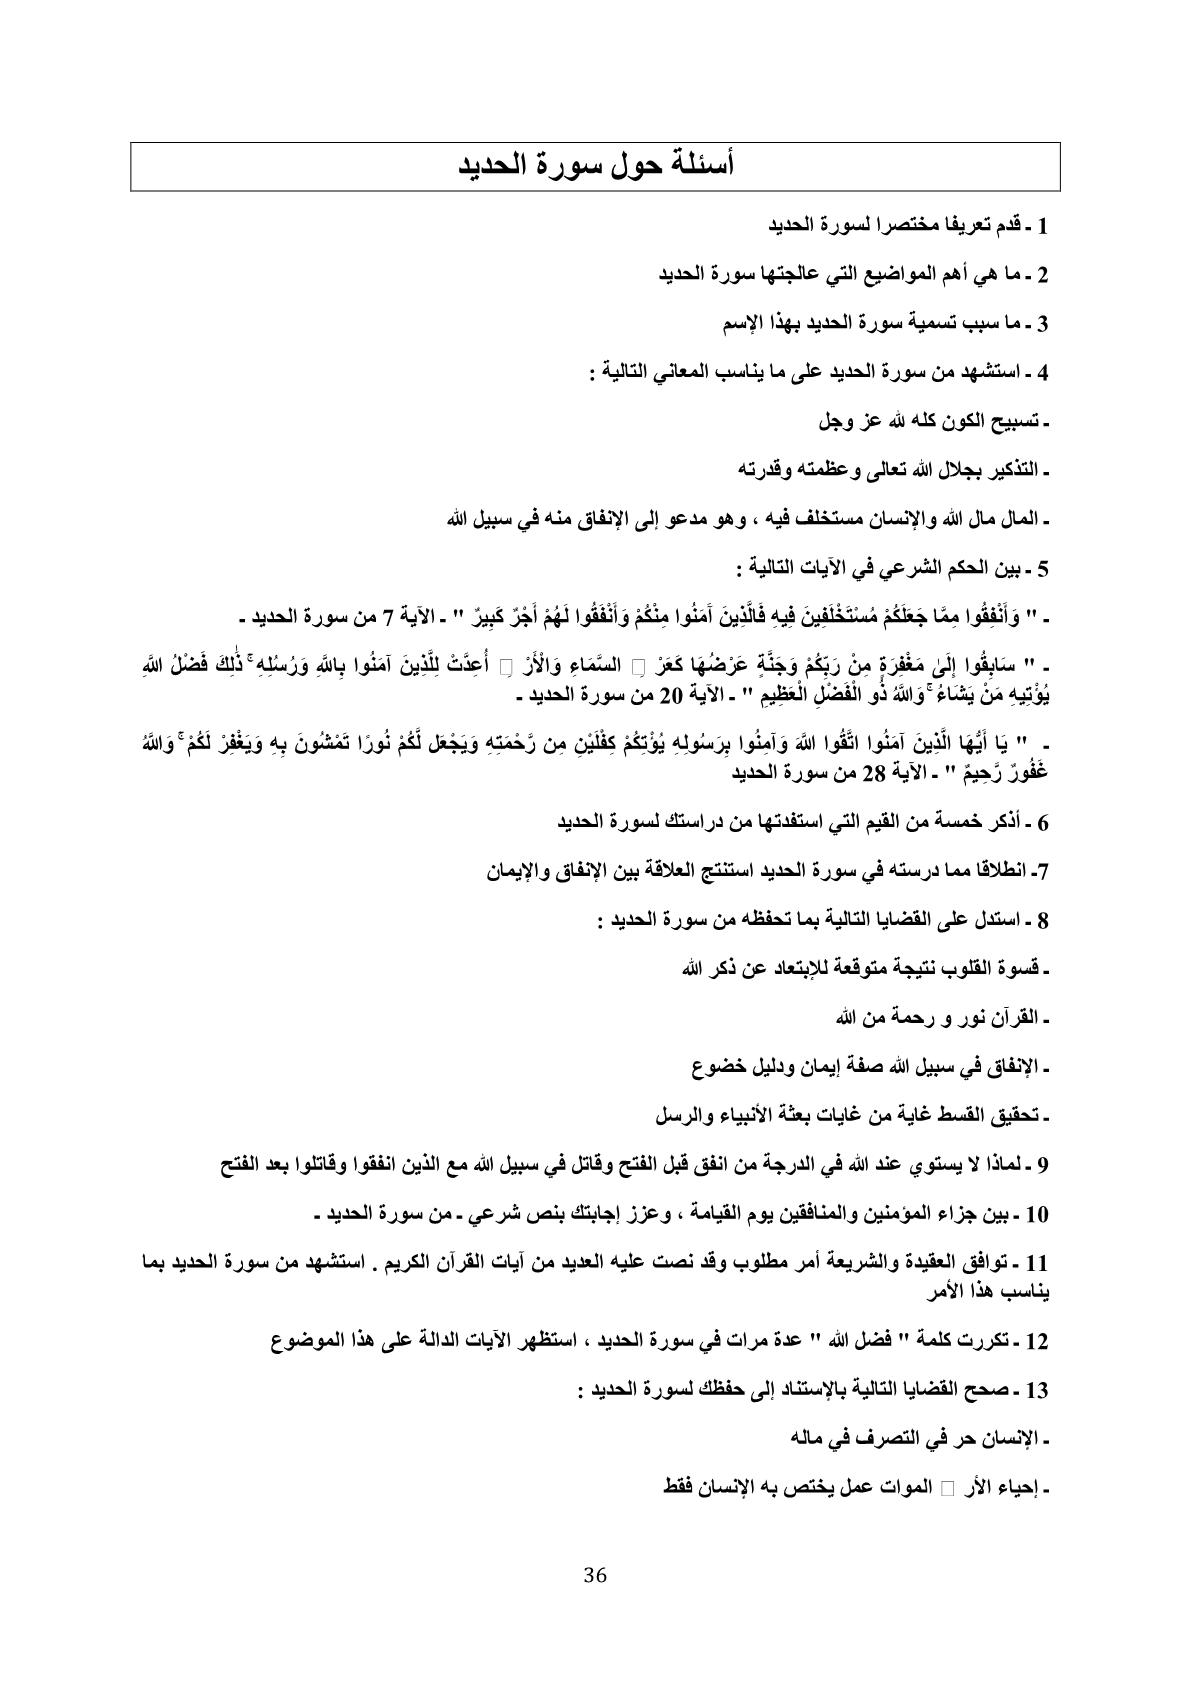 تمارين وأسئلة درس سورة الحديد التربية الاسلامية الثالثة اعدادي